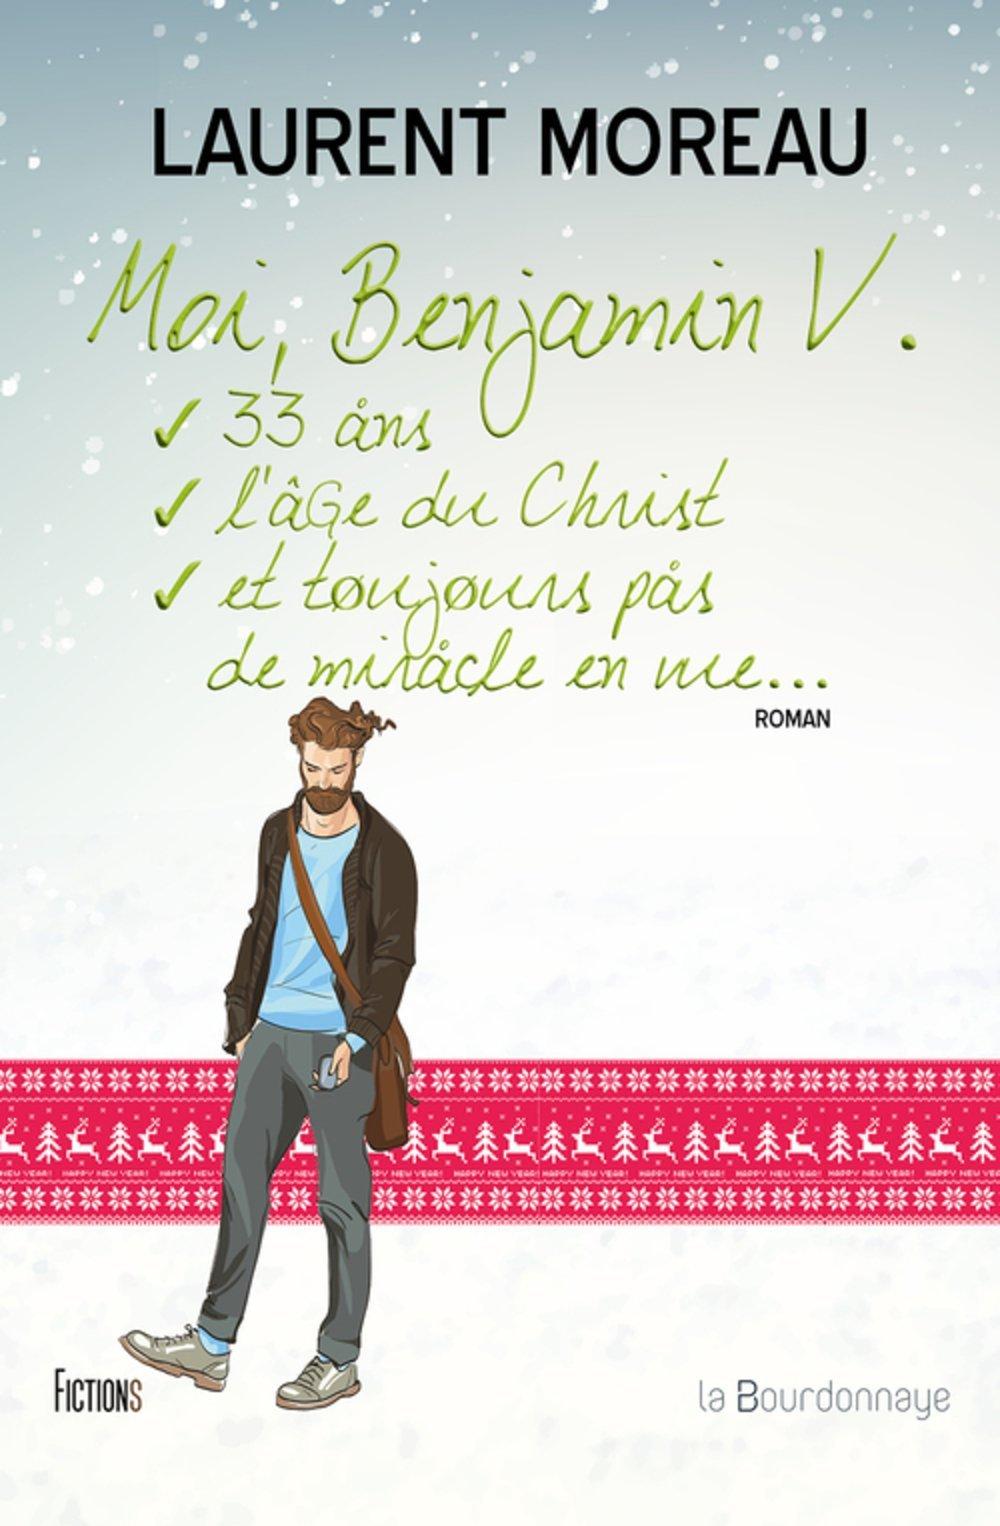 Moi , Benjamin V. 33 ans , lâge du Christ mais pas de miracle en vue Laurent Moreau